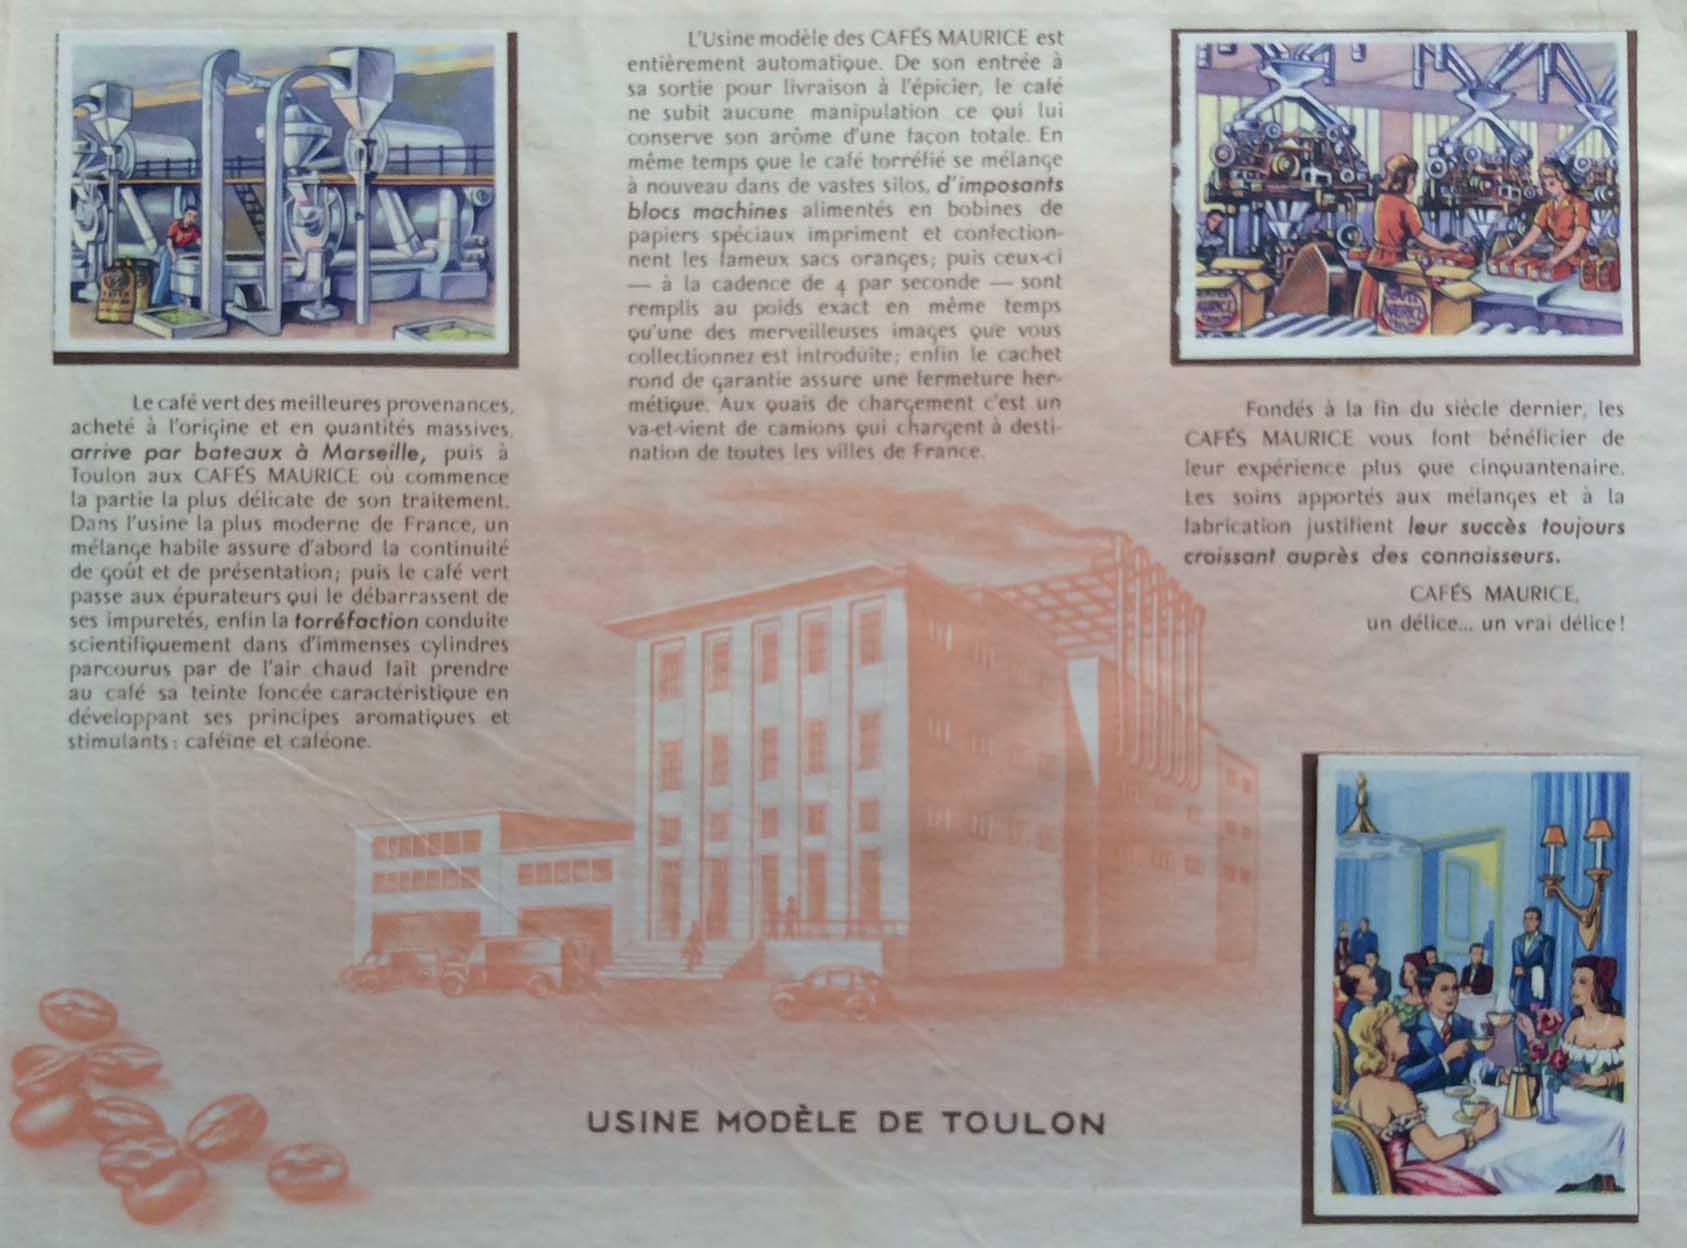 Parutions jeunesses histoire de France annonces Cafés Maurice